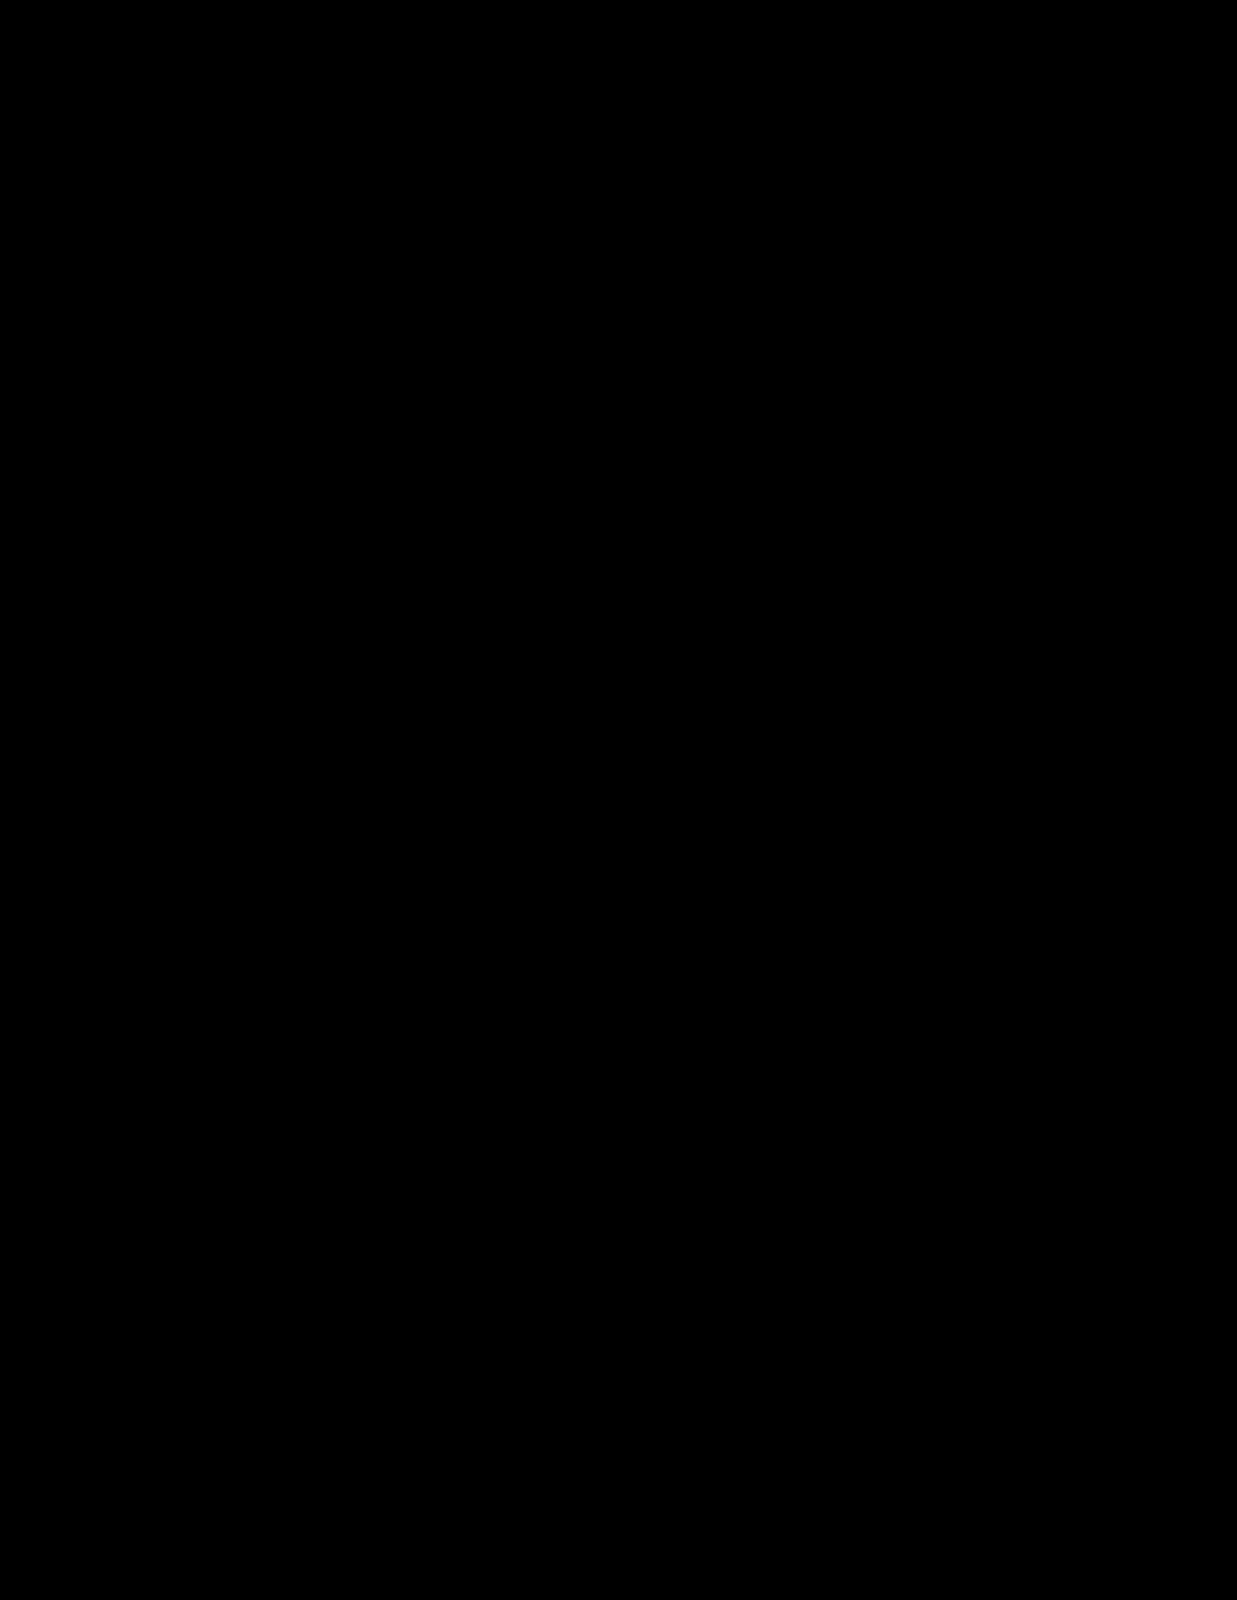 1237x1600 Boder Clipart